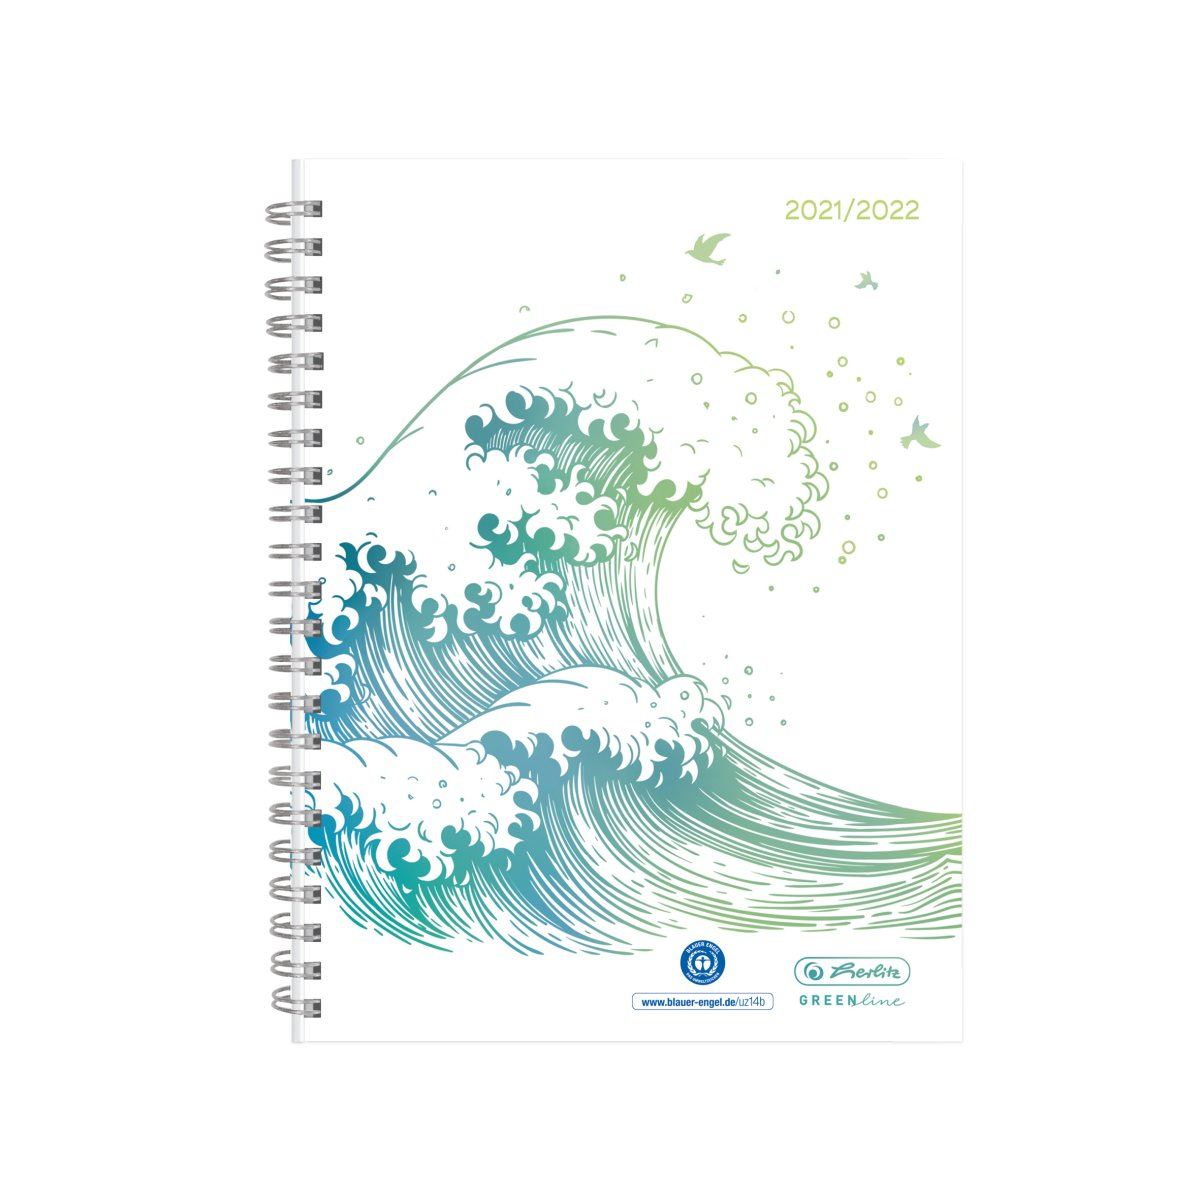 Vorschau: Herlitz Schülerkalender GREENline A5 21/22 Welle Wochenkalen